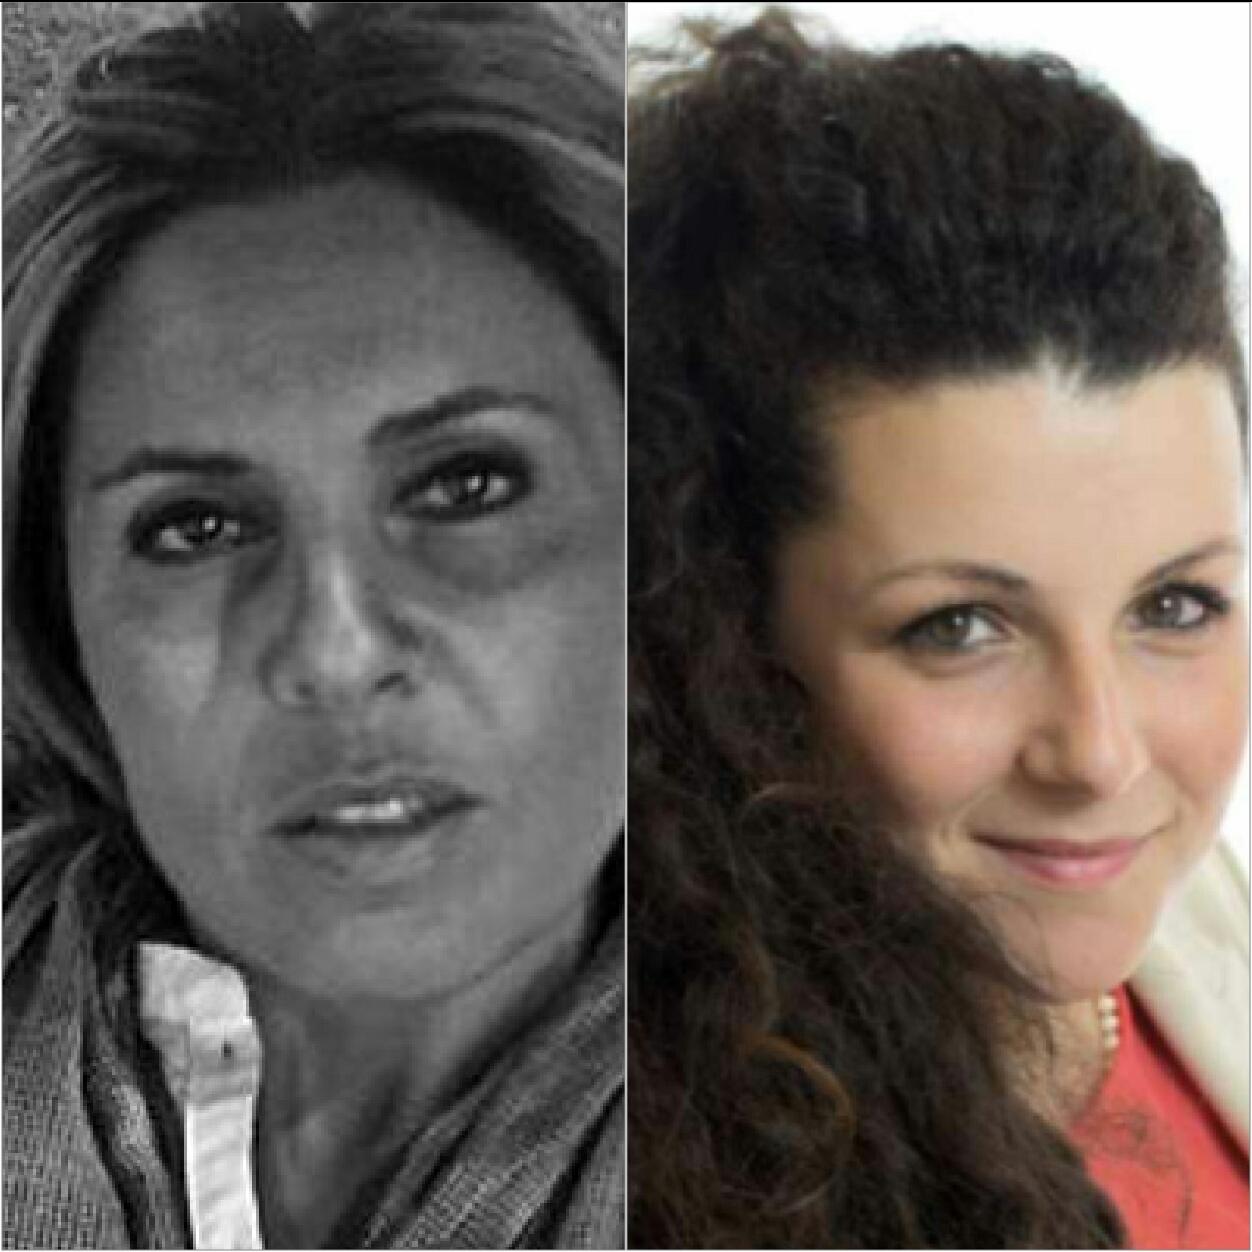 Politica, idee e persone: due figure femminili in primo piano, Sonia Perà e Chiara Frontini, il 2017 è stato il loro anno